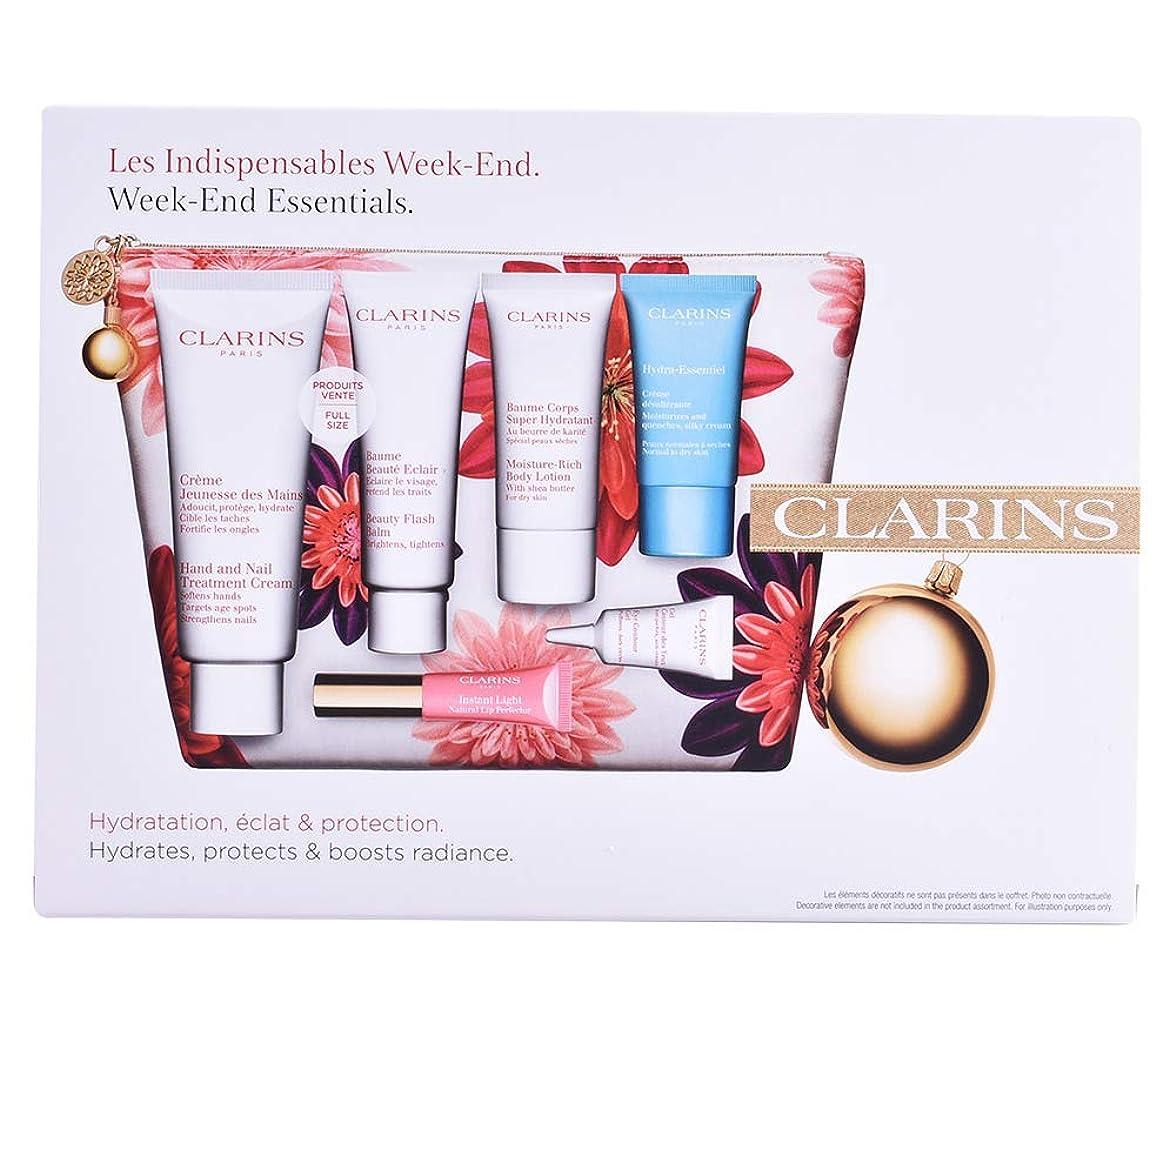 疑い者国籍パドルクラランス Week-End Essentials: Hand & Nail Cream+Beauty Flash Balm+Moisture-Rich Body+Eye Contour Gel+Hydra-Essentiel Cream+Lip 6pcs+1bag並行輸入品